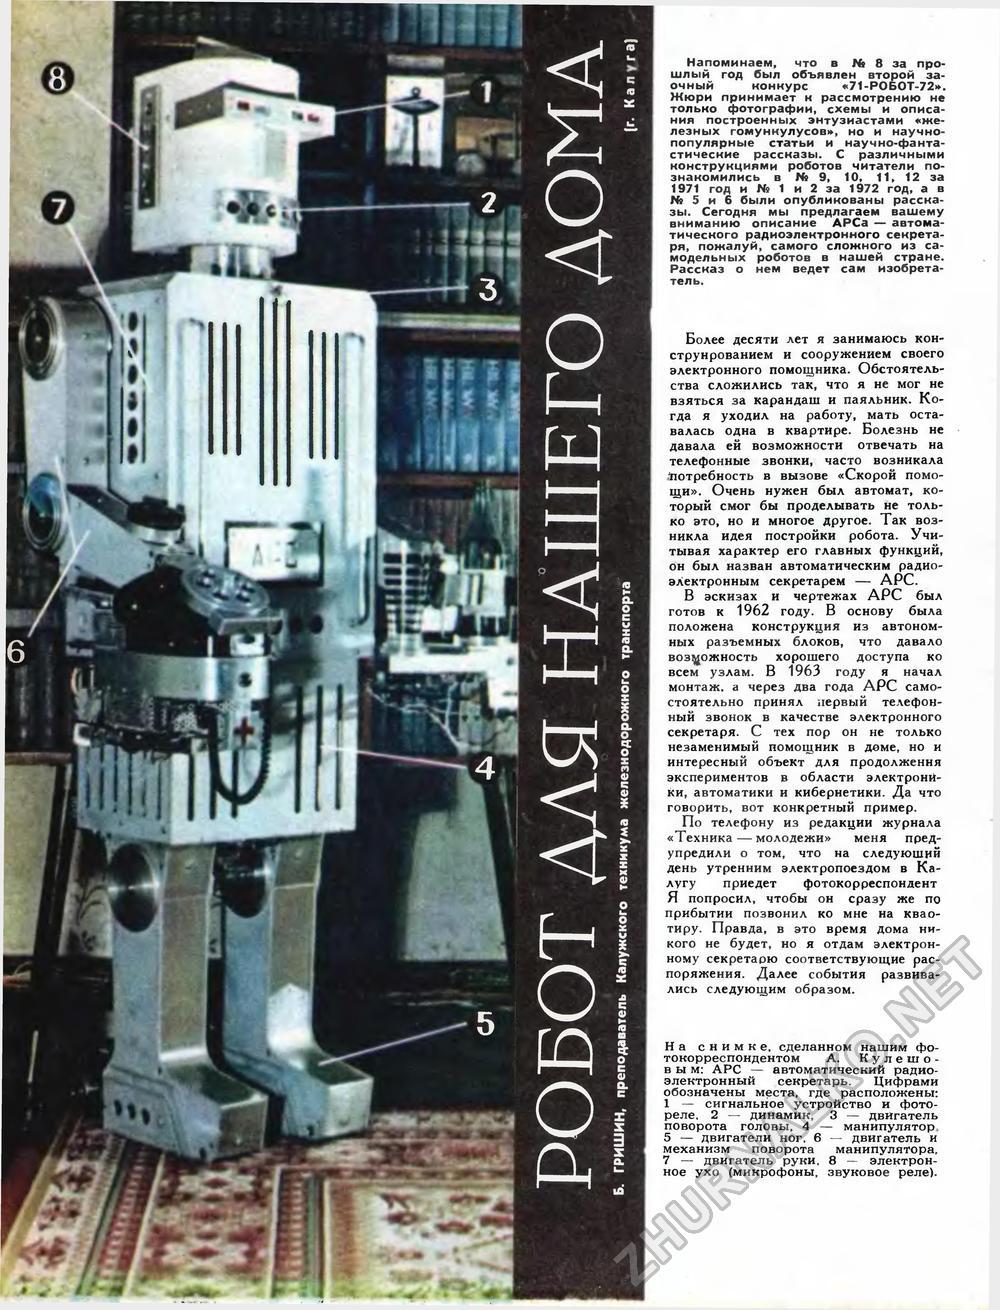 Автоматический радиоэлектронный секретарь, или арс, или арси.